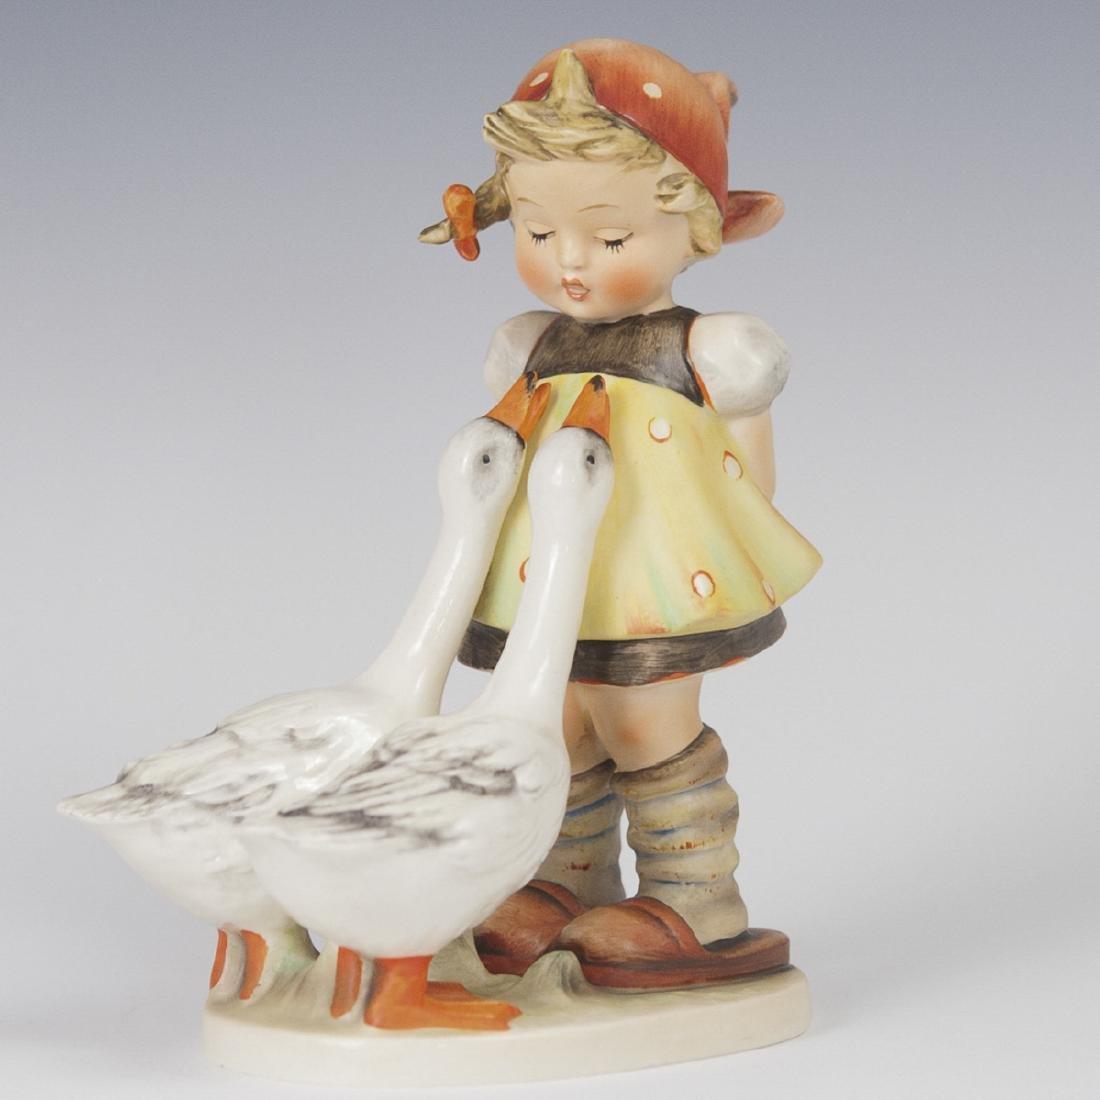 Vintage Goebel Porcelain Figurine